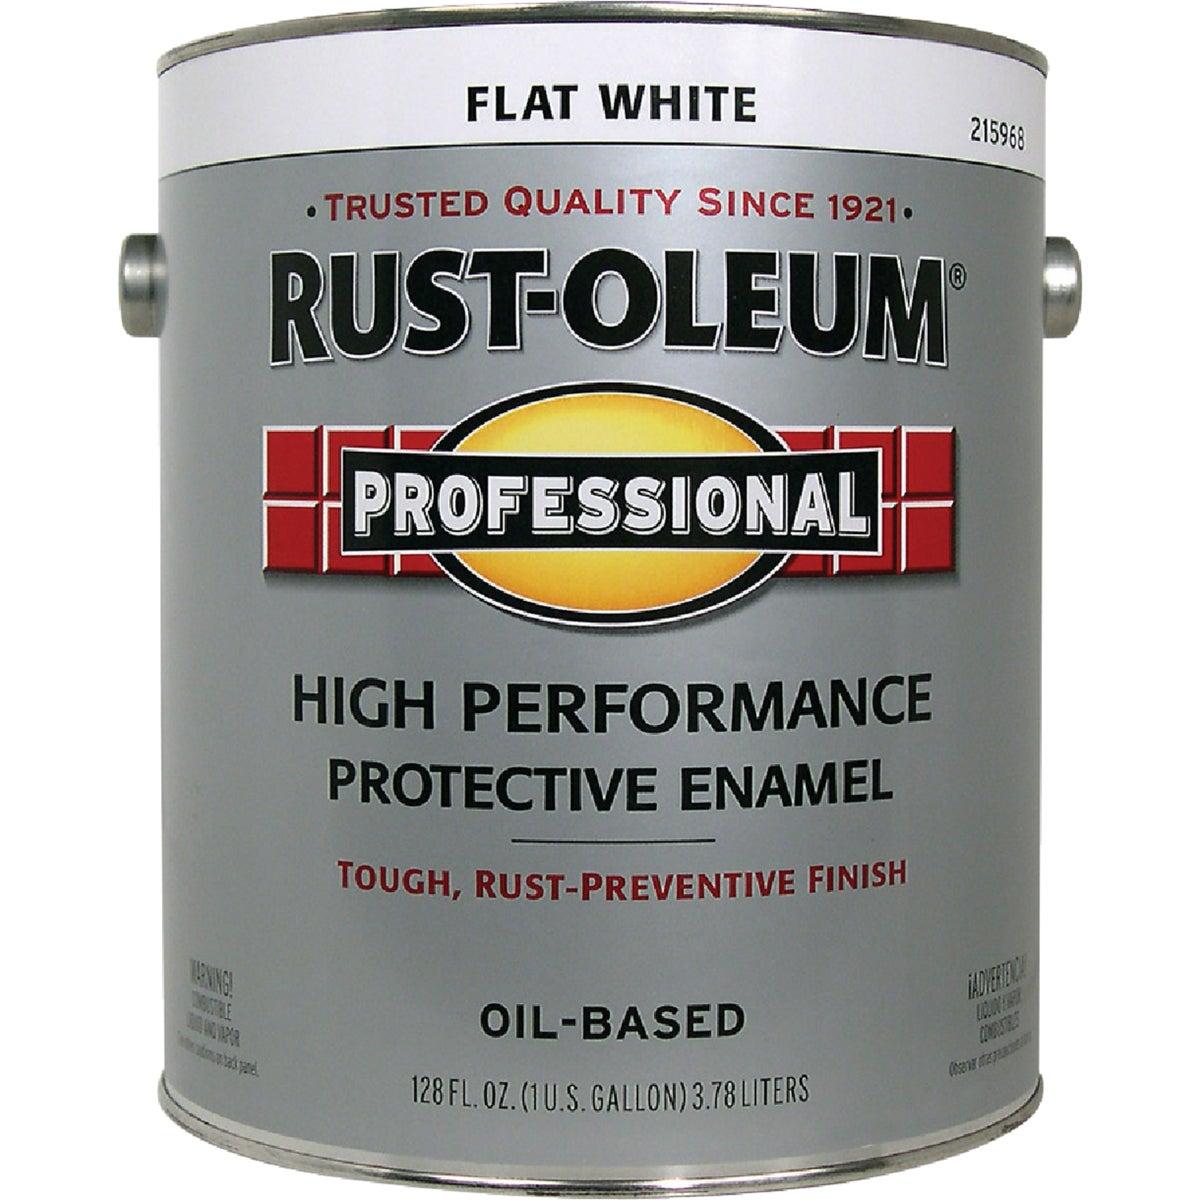 VOC FLAT WHT PRO ENAMEL - 215968 by Rustoleum